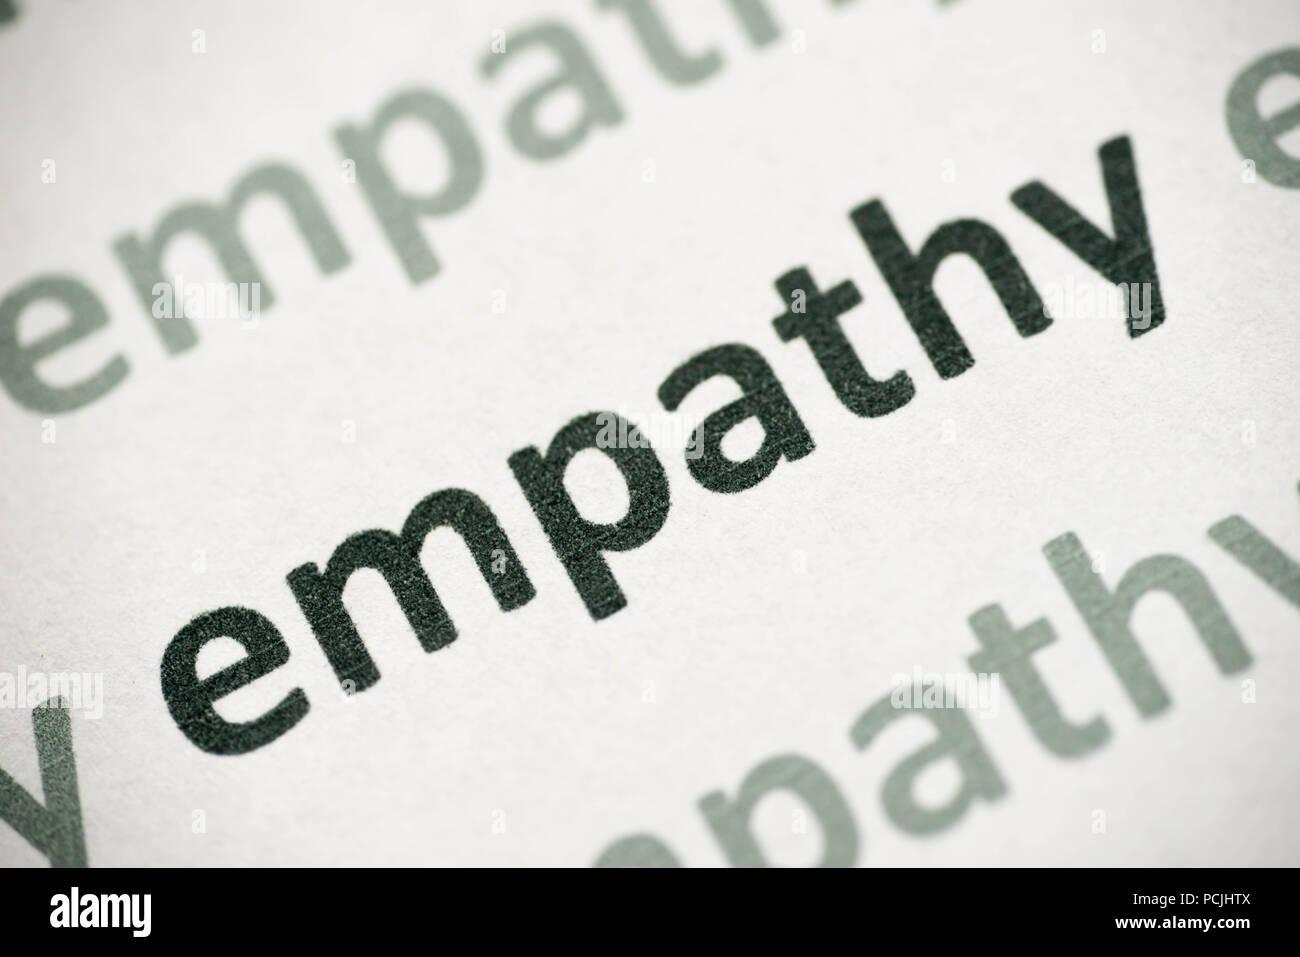 L'empathie de mots imprimés sur papier blanc macro Photo Stock